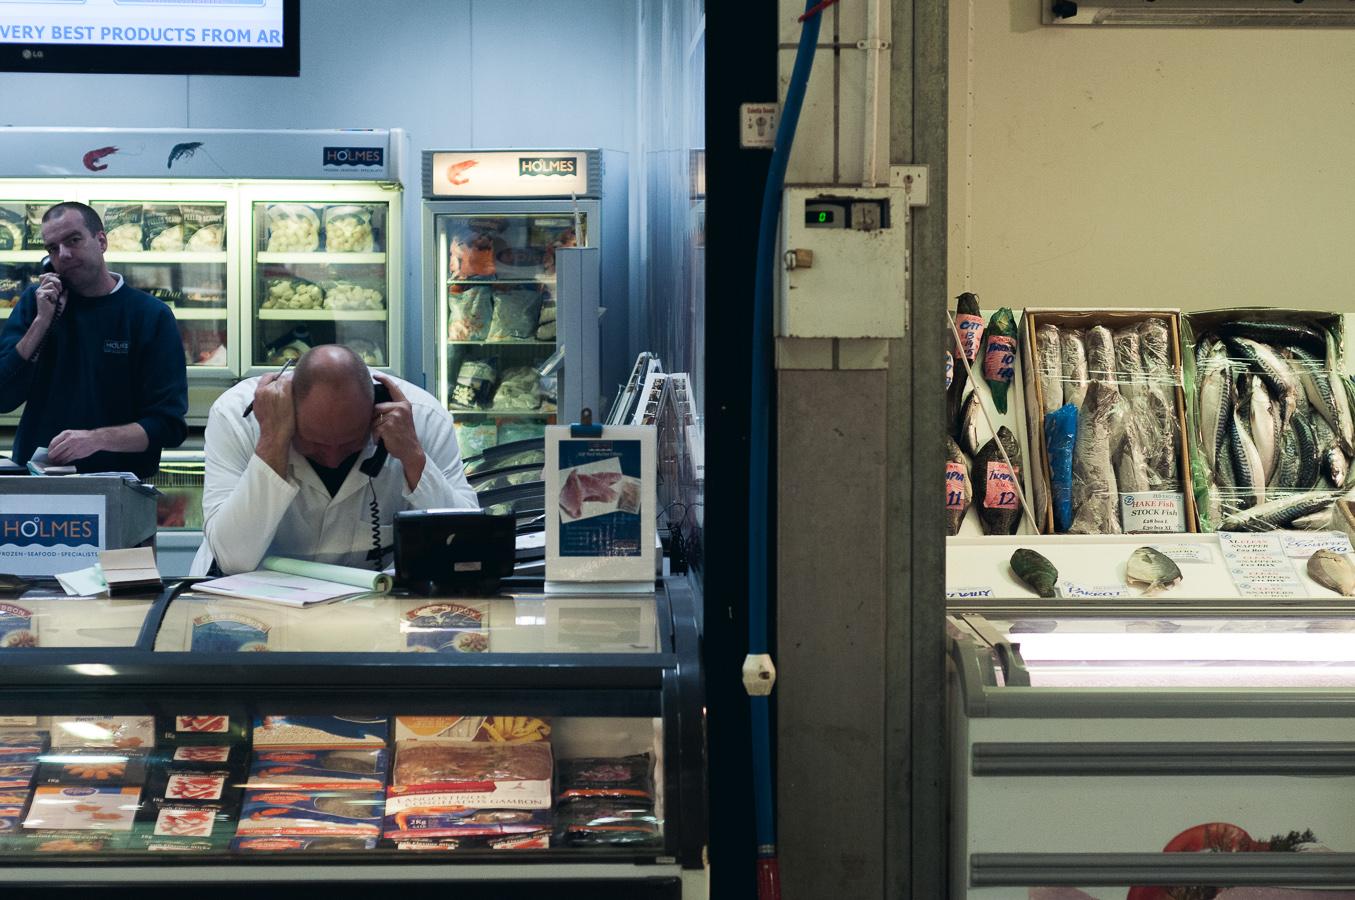 billings-gate-market-frozen-foods-dealer.jpg